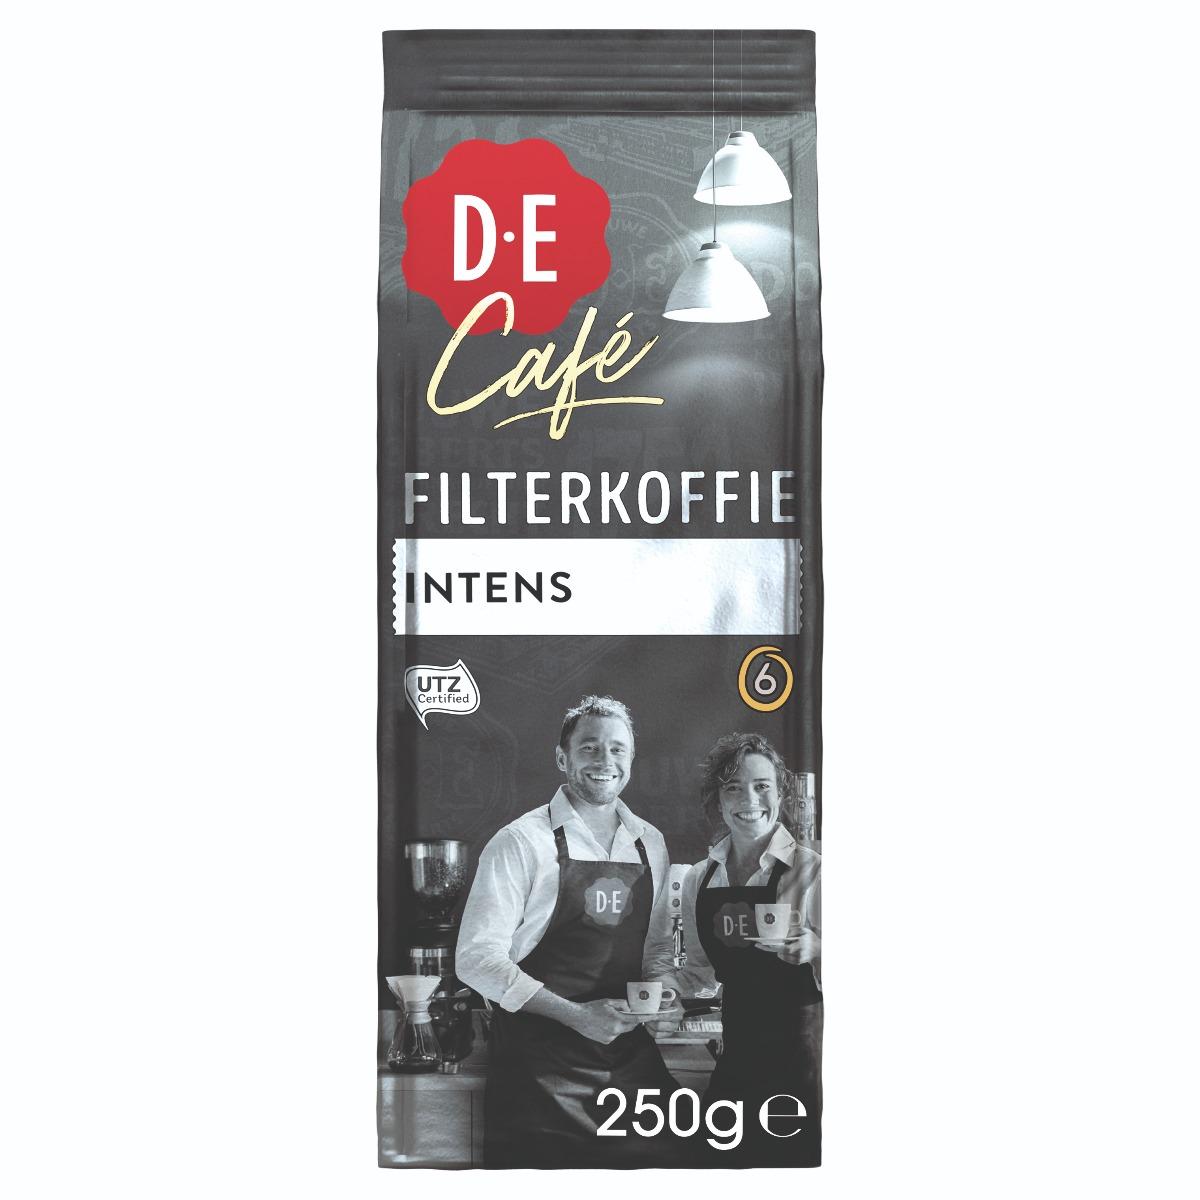 Douwe Egberts D.E Café - gemalen koffie - Intens